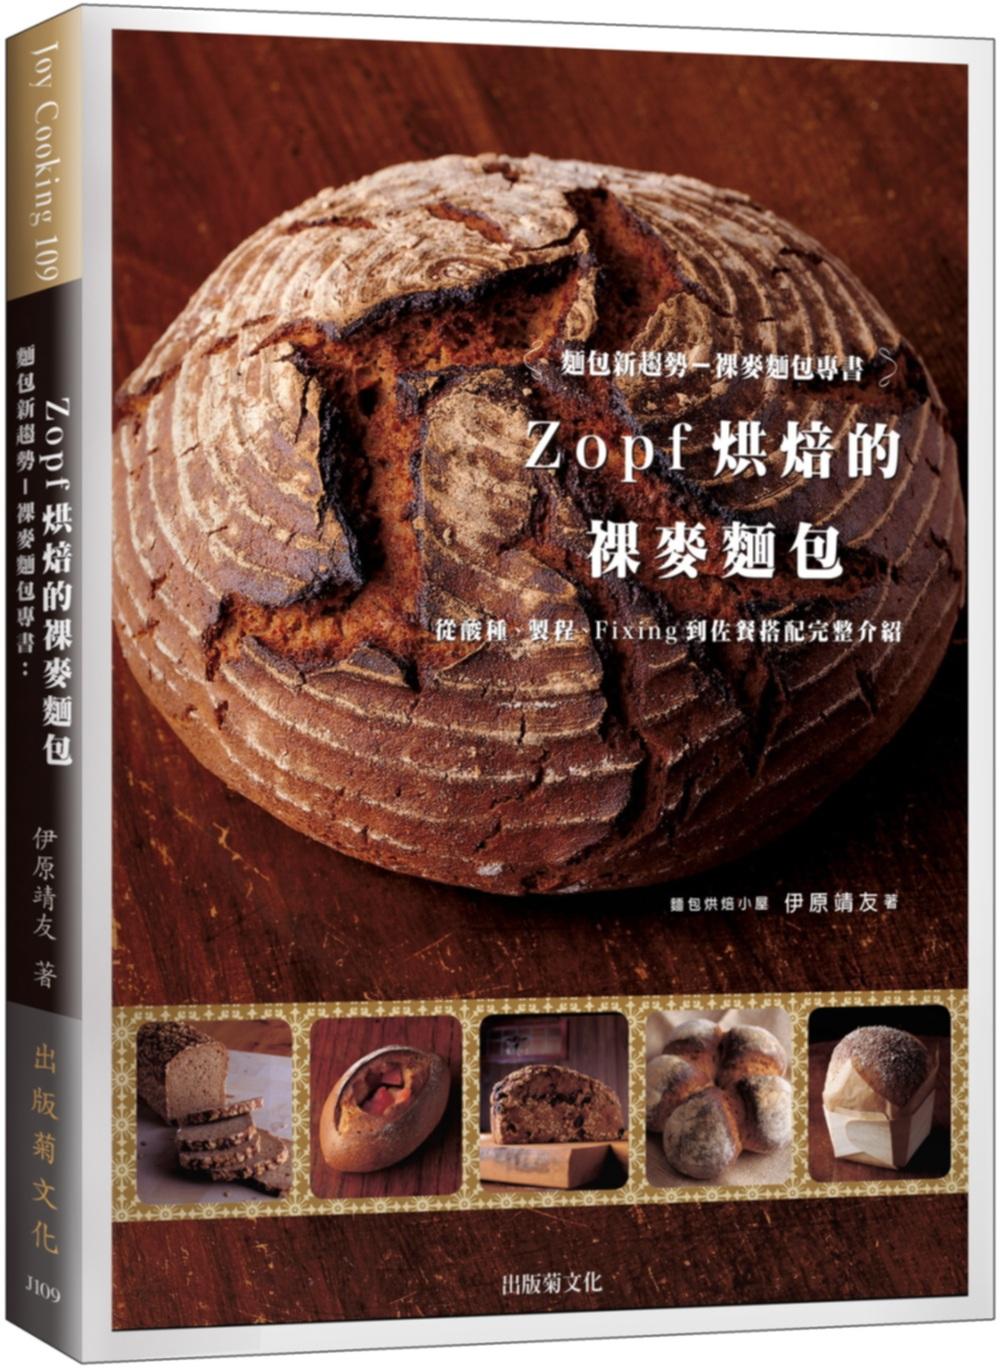 麵包新趨勢-裸麥麵包專書:從酸種、製程、Fixing到佐餐搭配完整介紹-Zopf烘焙的裸麥麵包